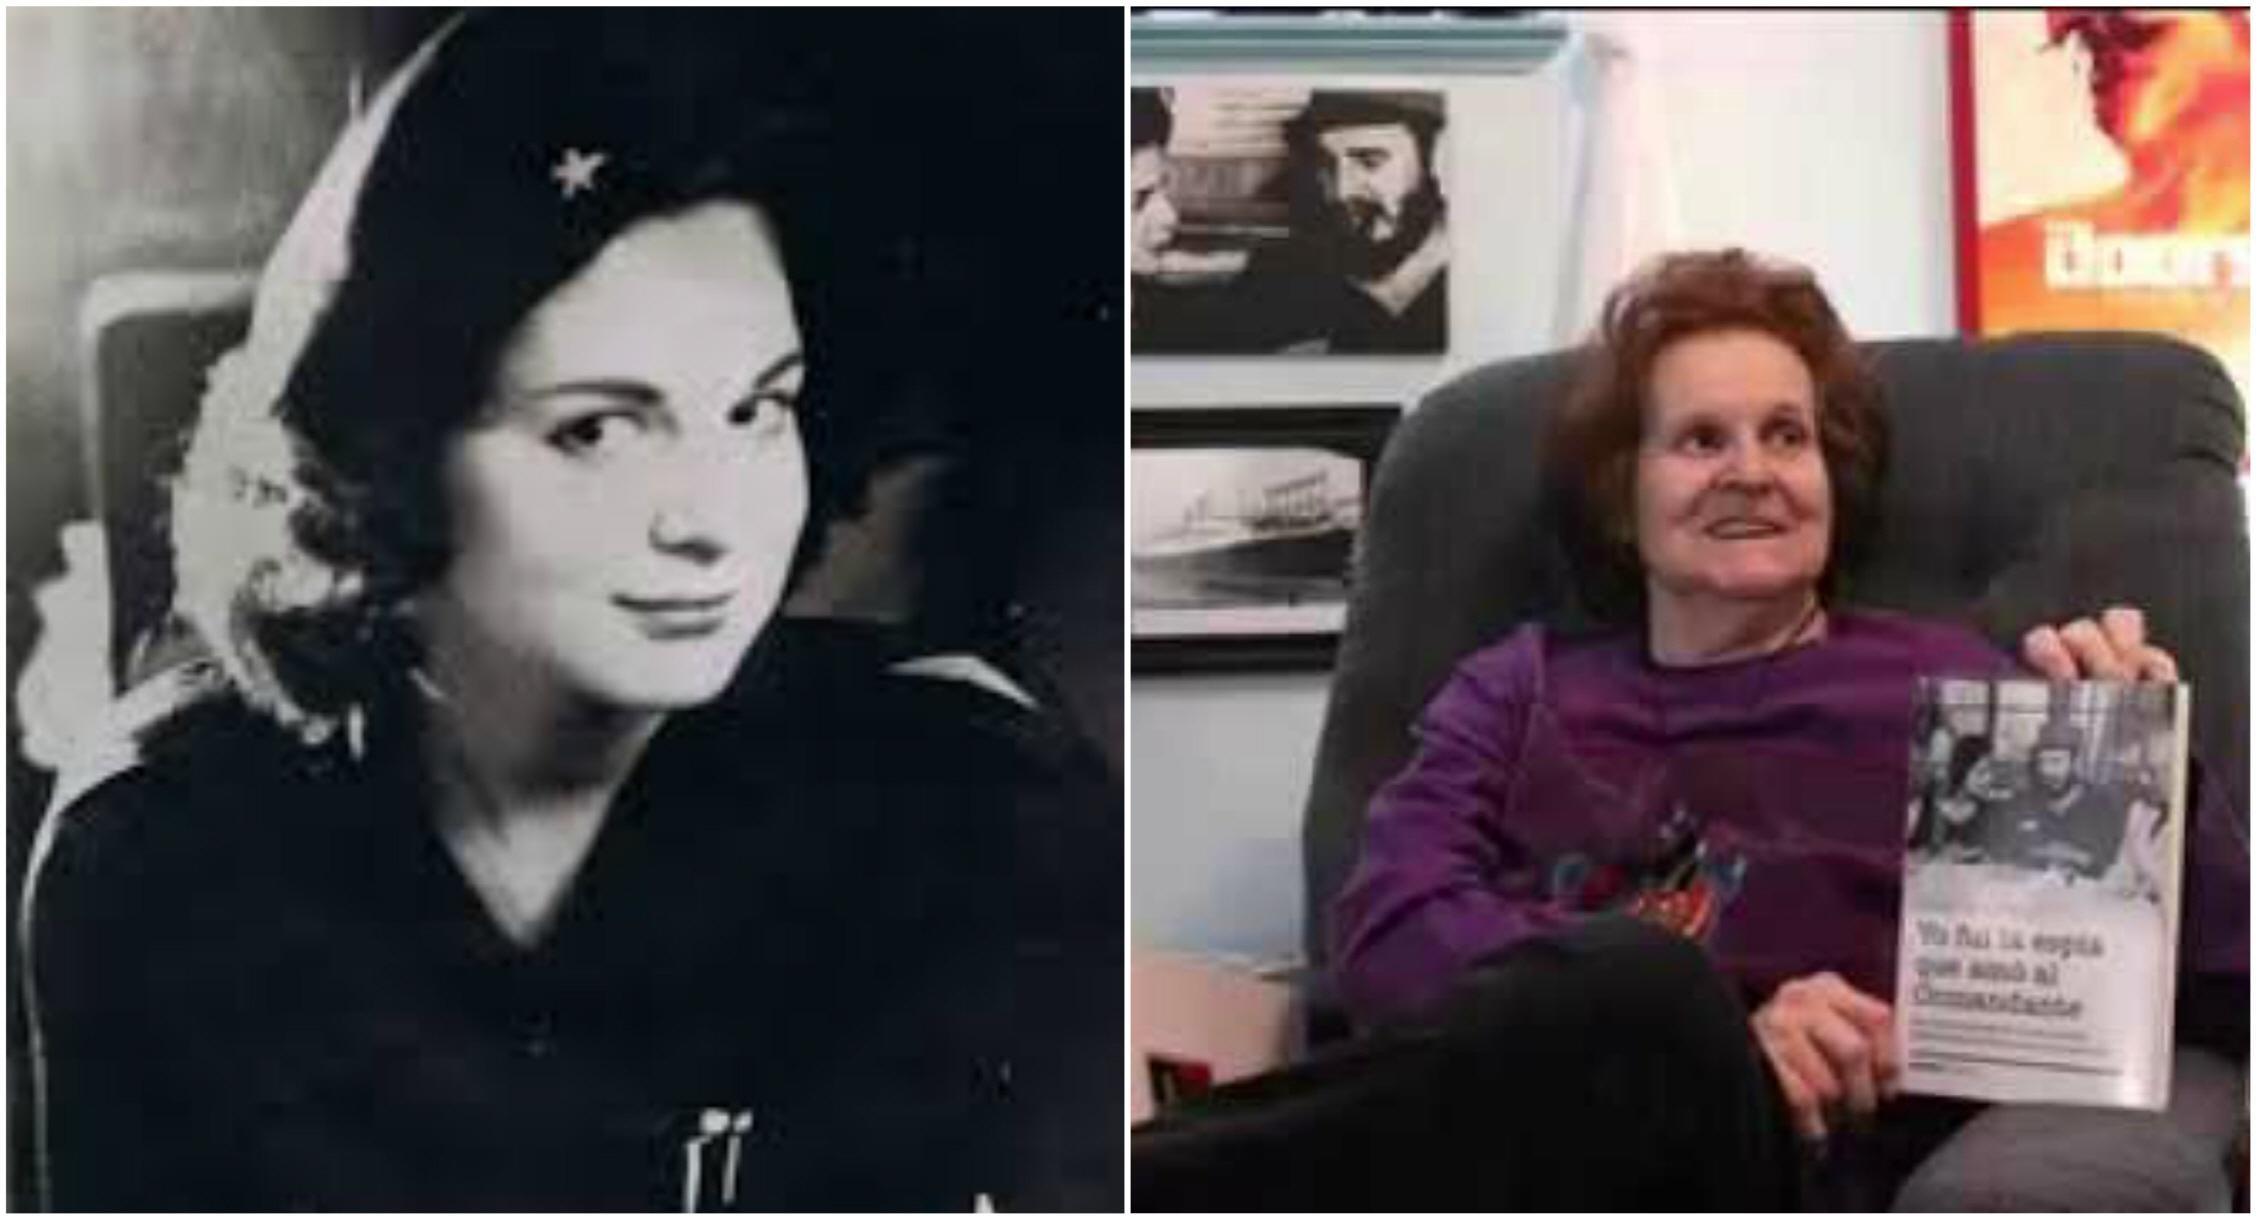 카스트로 암살을 시도한 마리타 로렌즈(77)는 독일 출신의 미국인이었다. 동독에서 자란 그는 1959년 쿠바 공산 혁명 후 카스트로와 동거했다. 그러나 임신중절 수술을 받은 뒤 미국으로 건너가 CIA에 포섭됐다고 한다. 젊을 때 로렌즈와 최근 모습.  [사진 선더스 마우스, 유튜브 캡처]